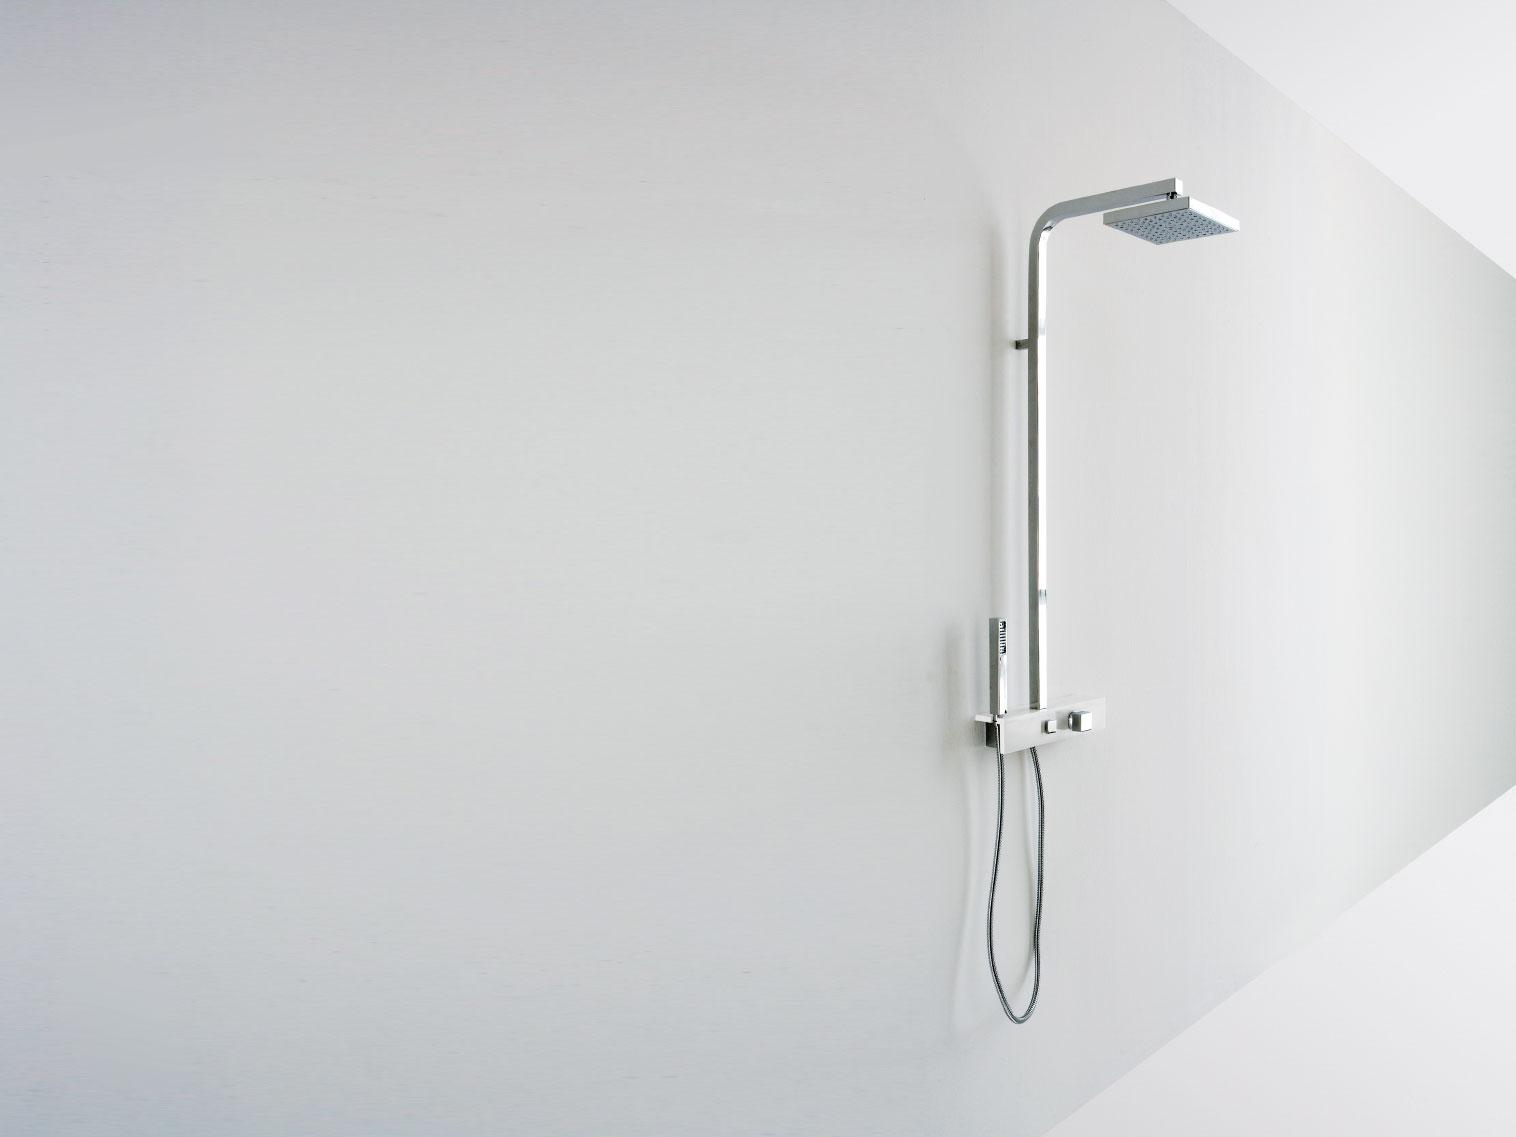 Samo colonne doccia linea doccia edilceramiche di maccanò